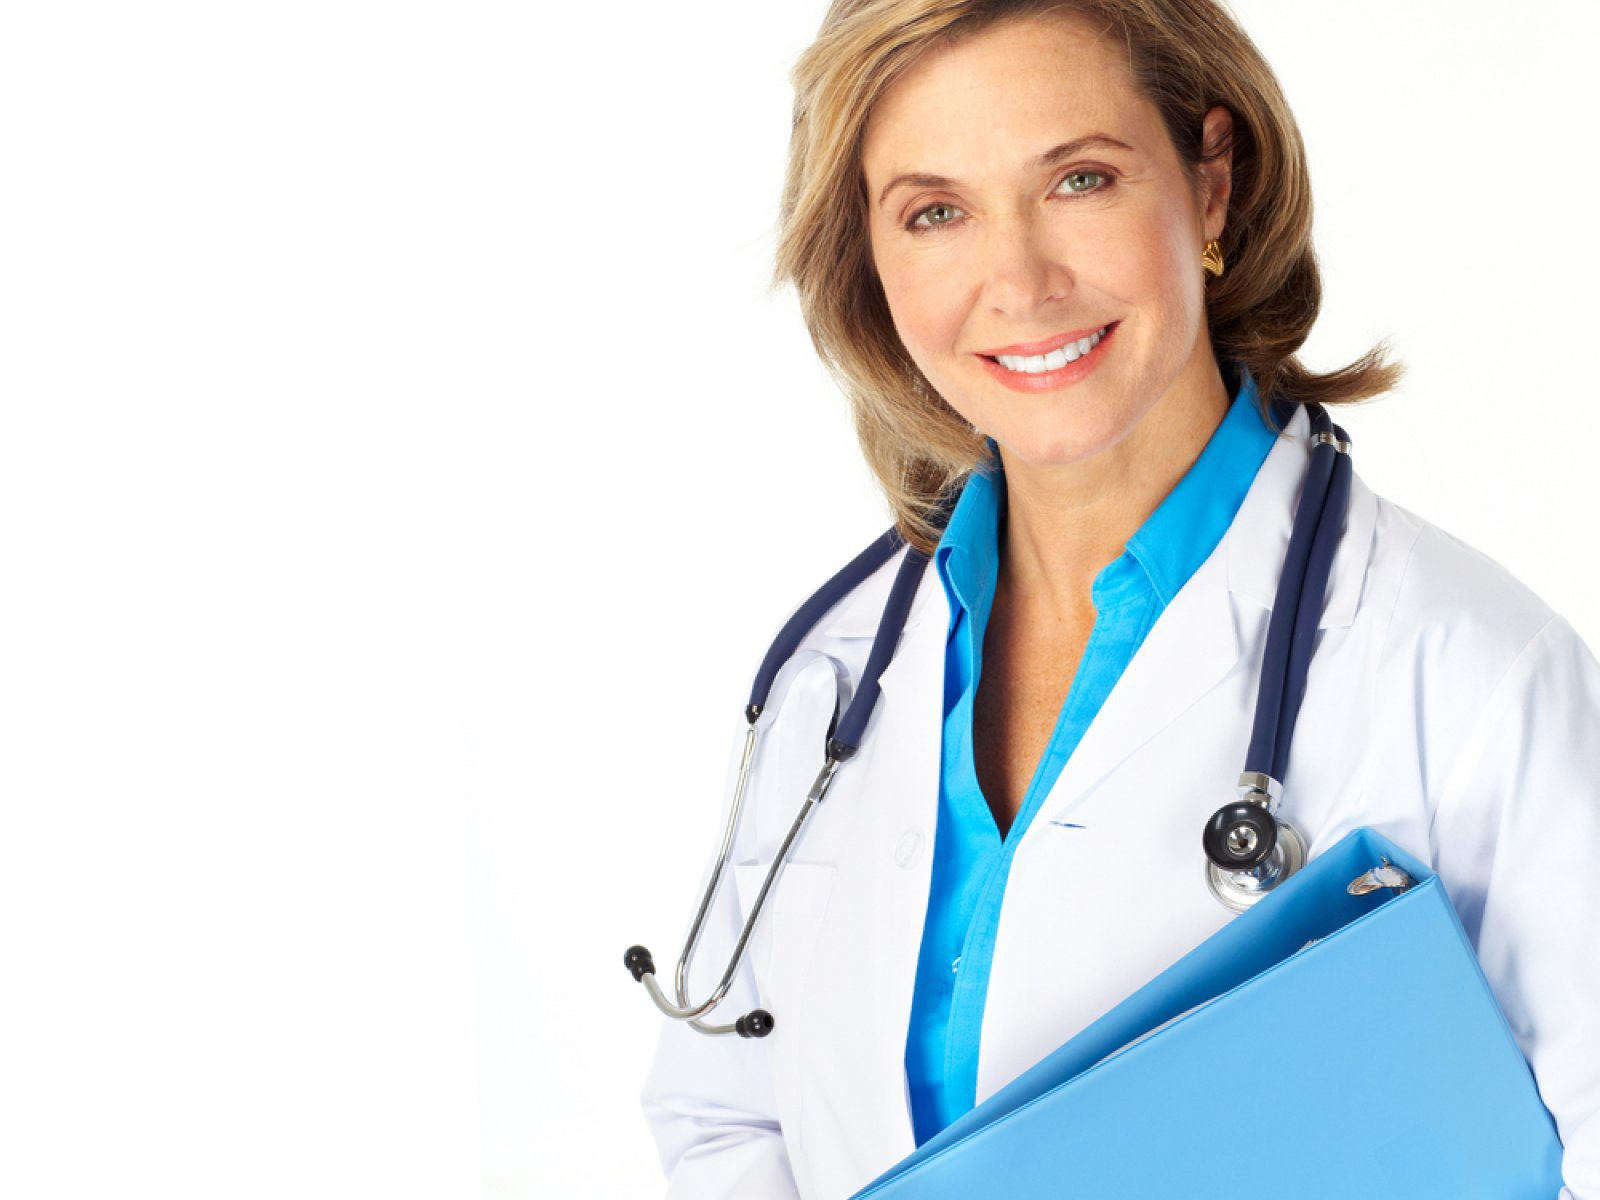 День медсестры в 2019 году